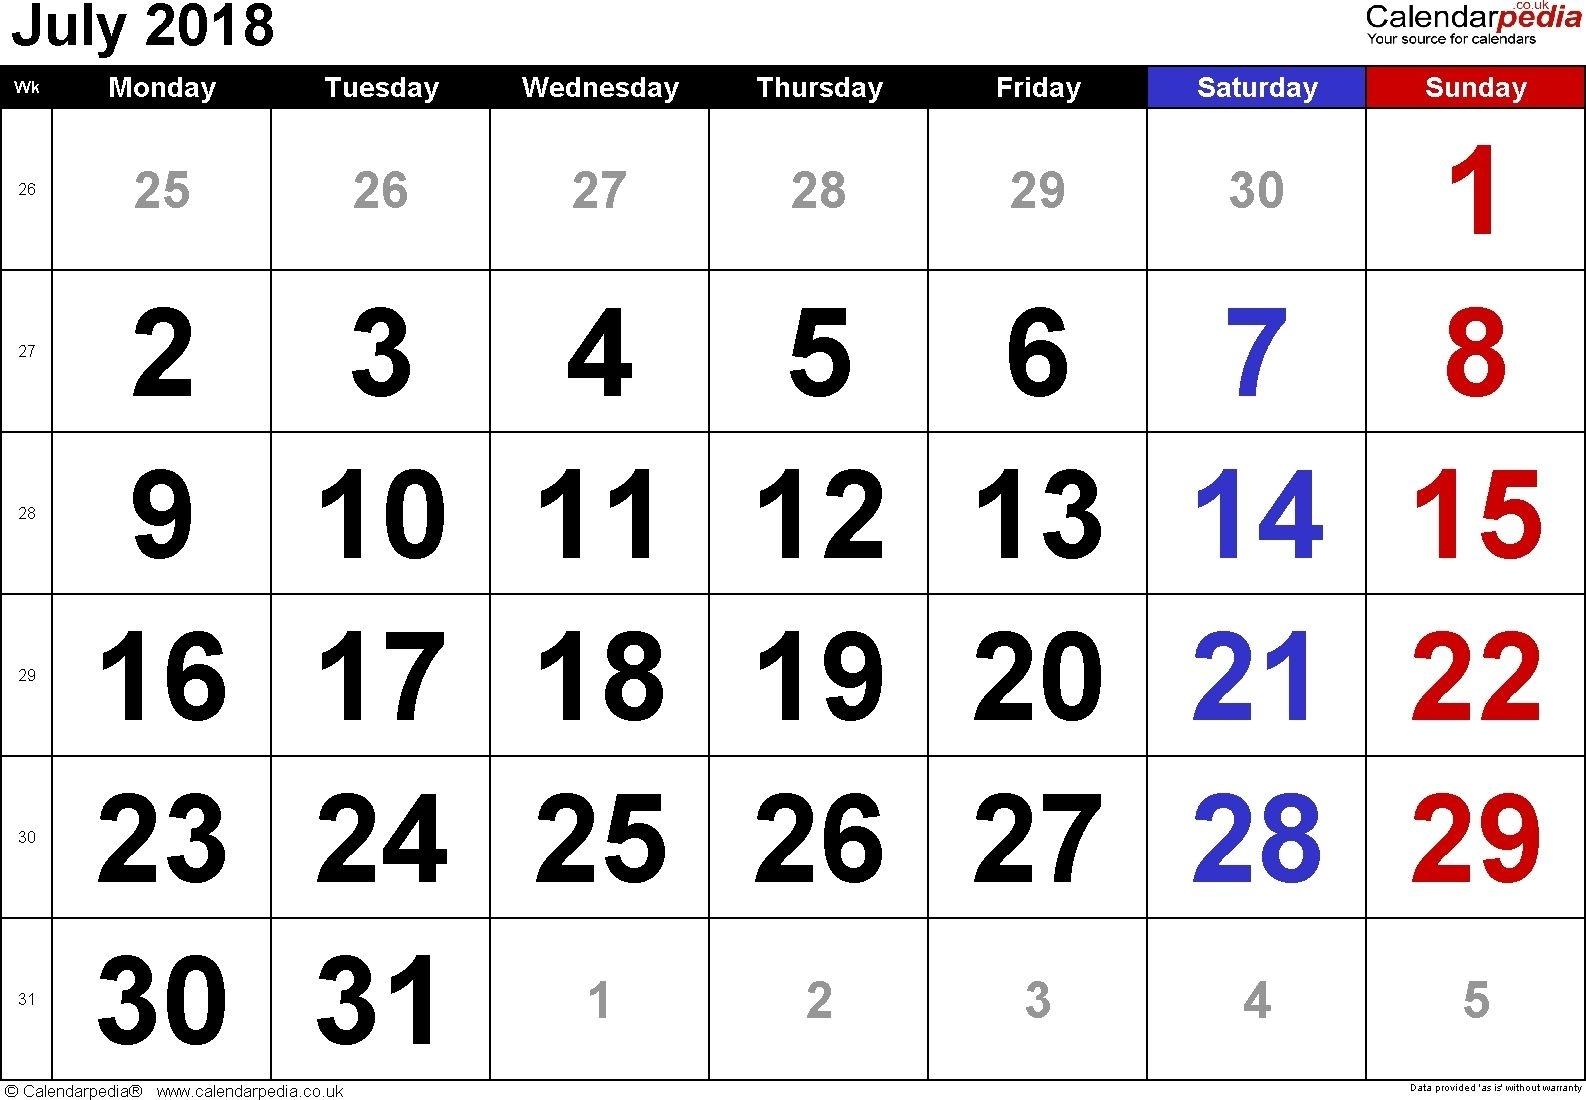 Free Printable Calendar Large Numbers In 2020 | Printable regarding Large Numbers Free Printable Calendar 2020